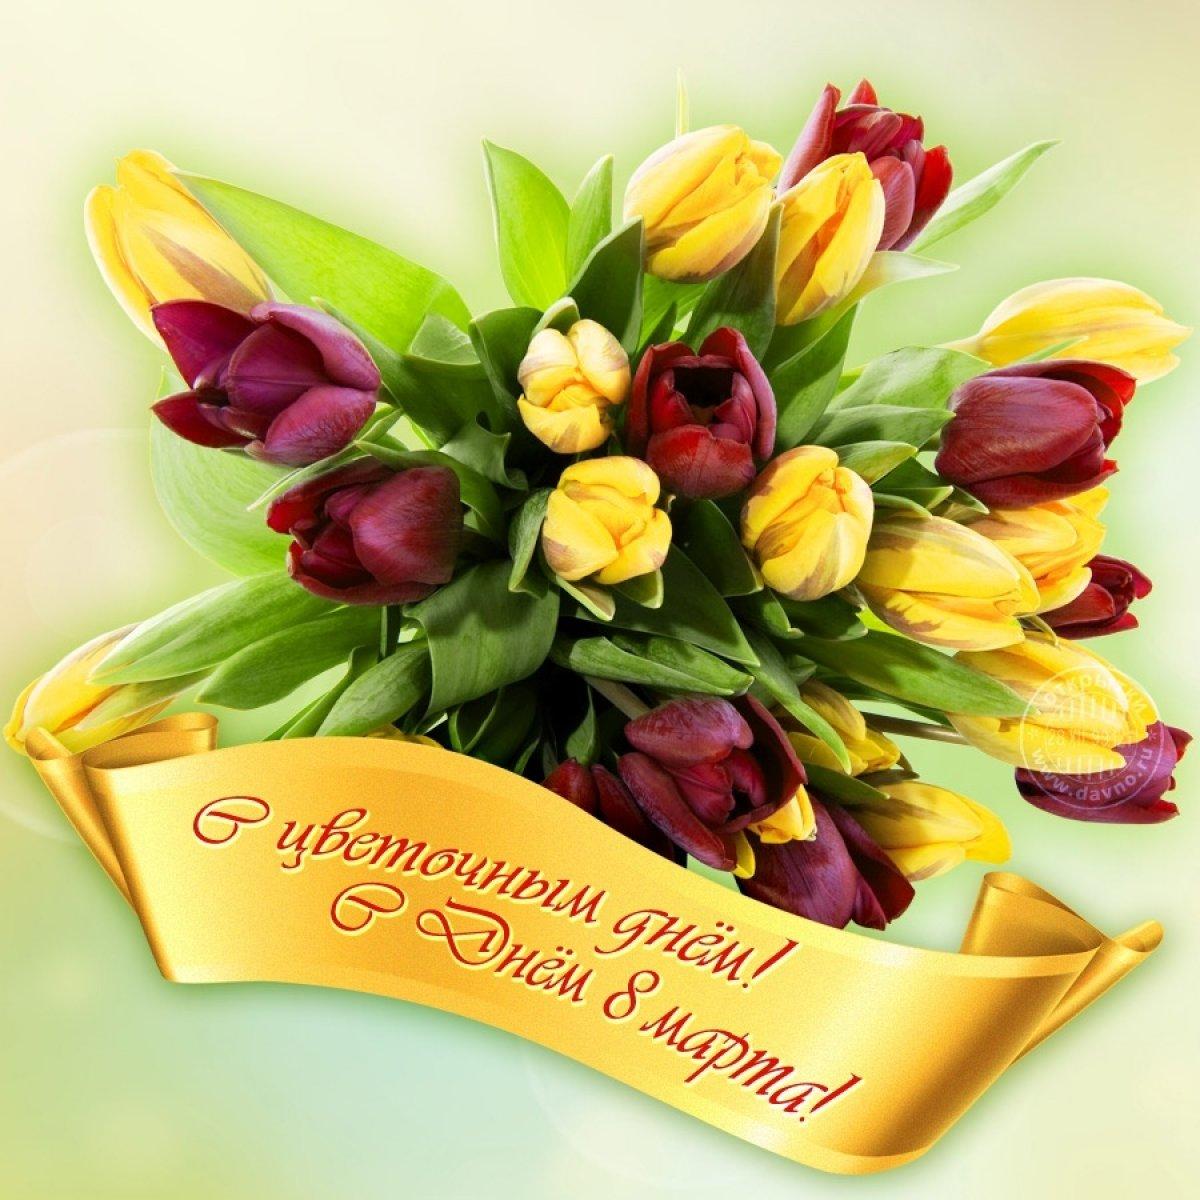 Поздравления с 8 марта цветами